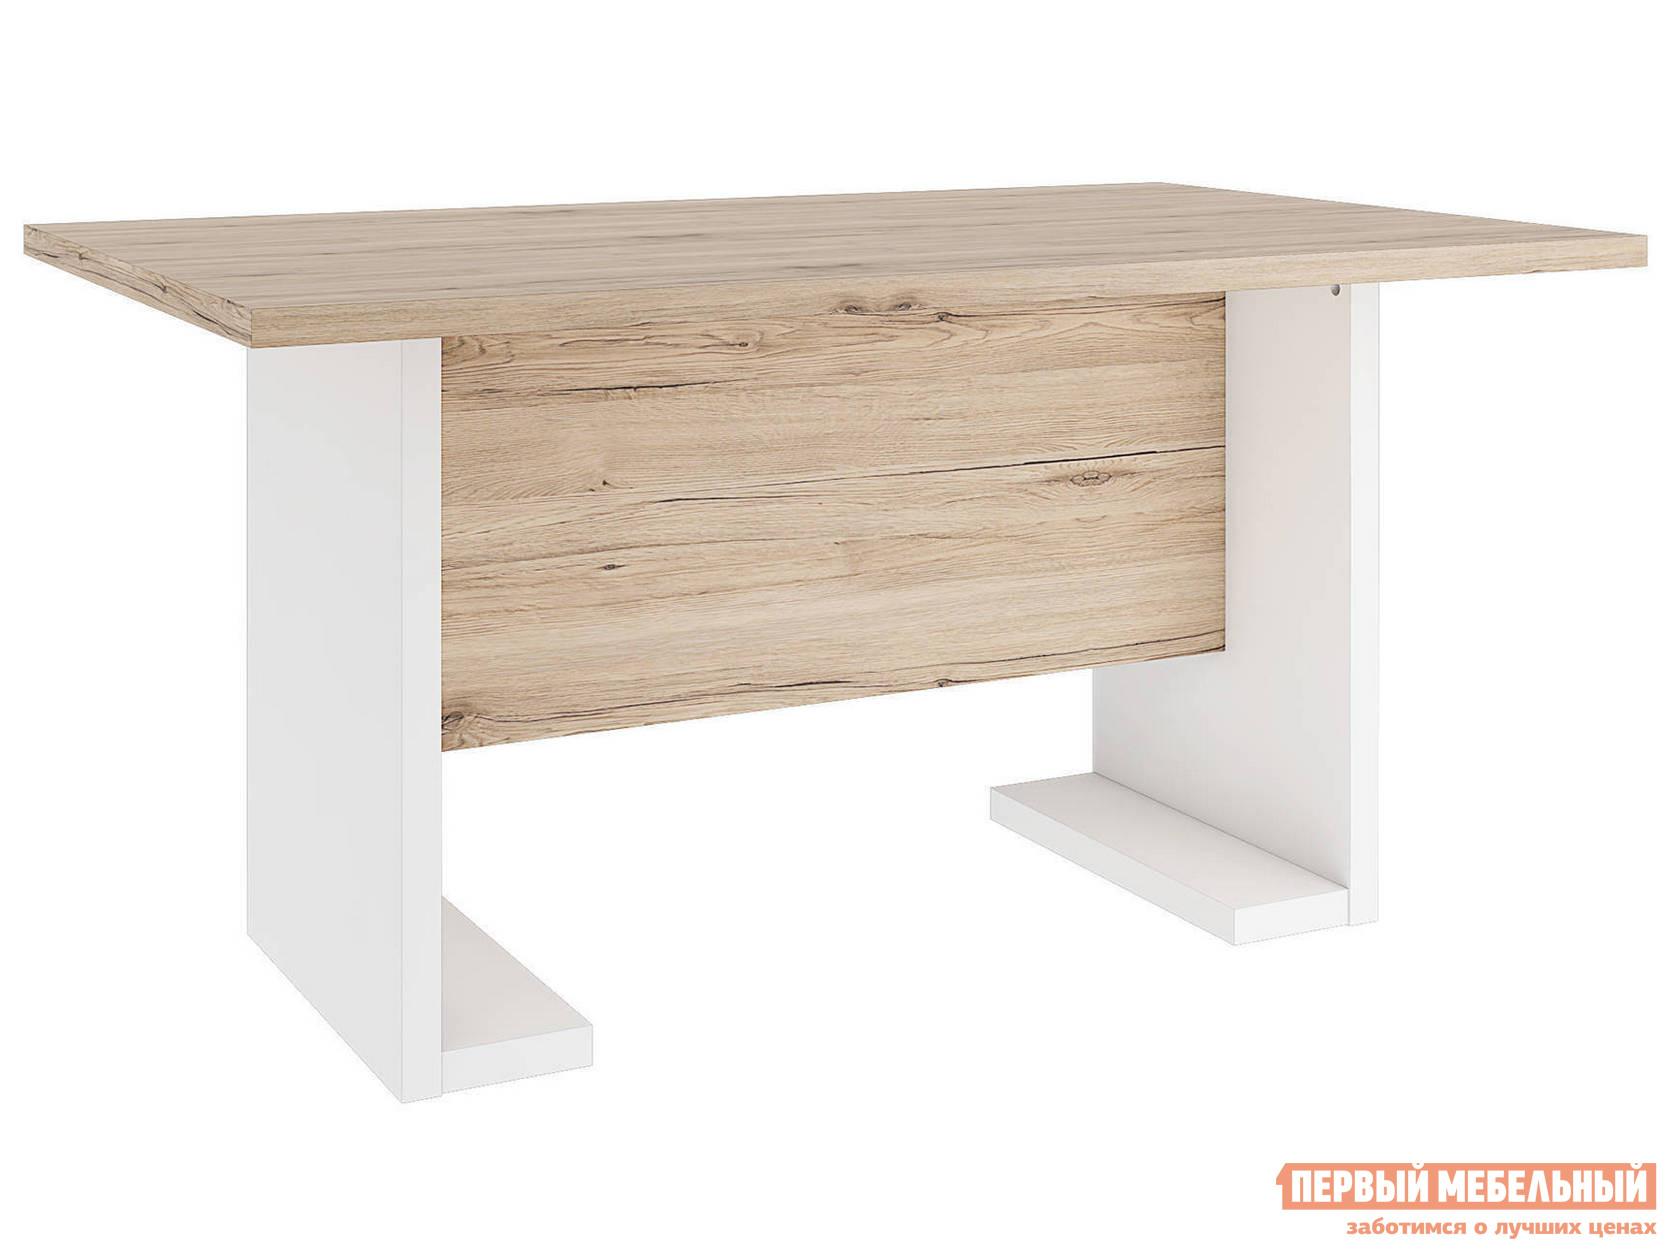 Кухонный стол Первый Мебельный Стол обеденный Оксфорд